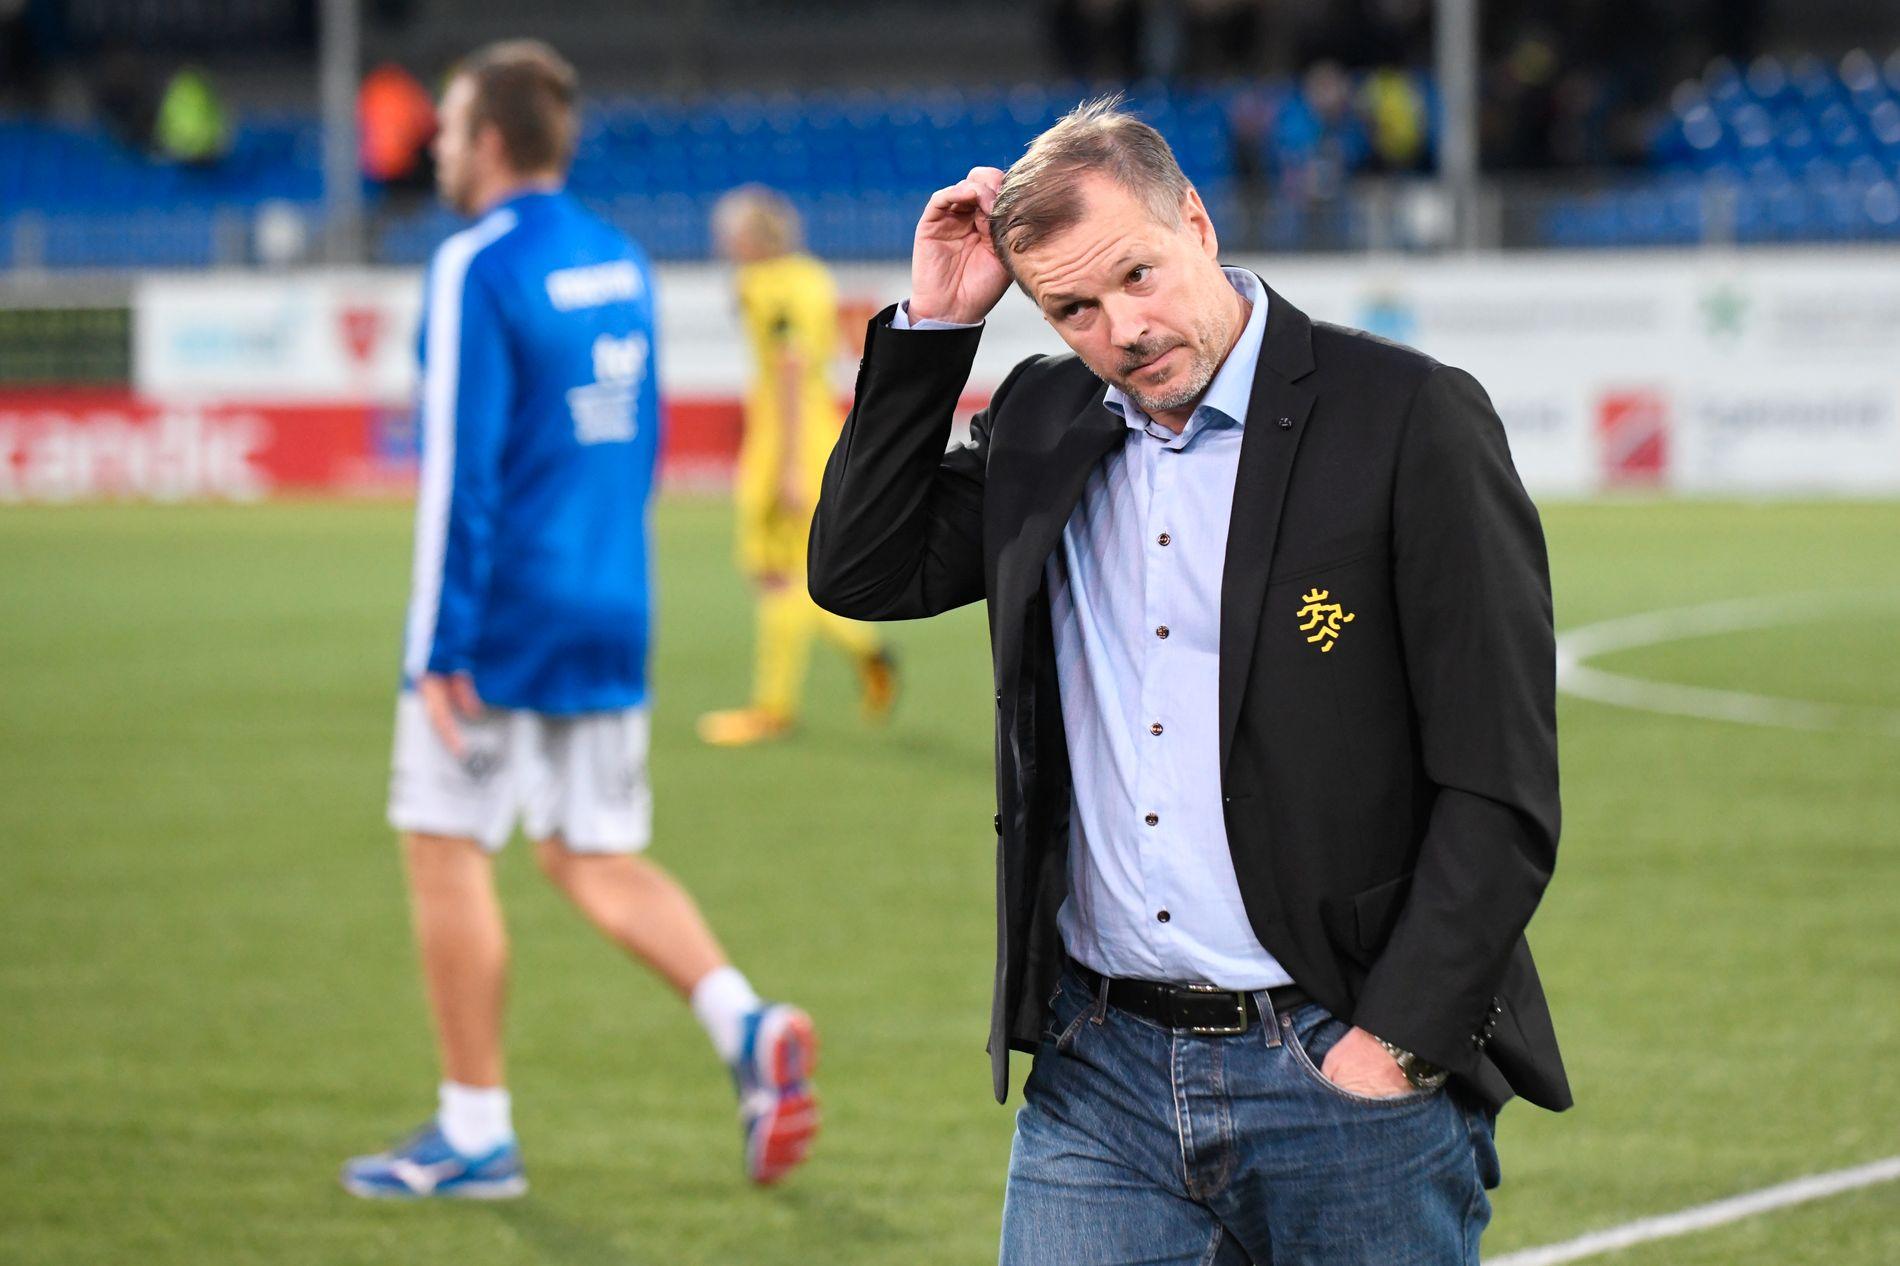 GRUNN TIL Å TENKE: Kjetil Rekdal, Start-trener, klør seg her i bakhodet etter uavgjort mot Kristiansund. Start sliter på bortebane.